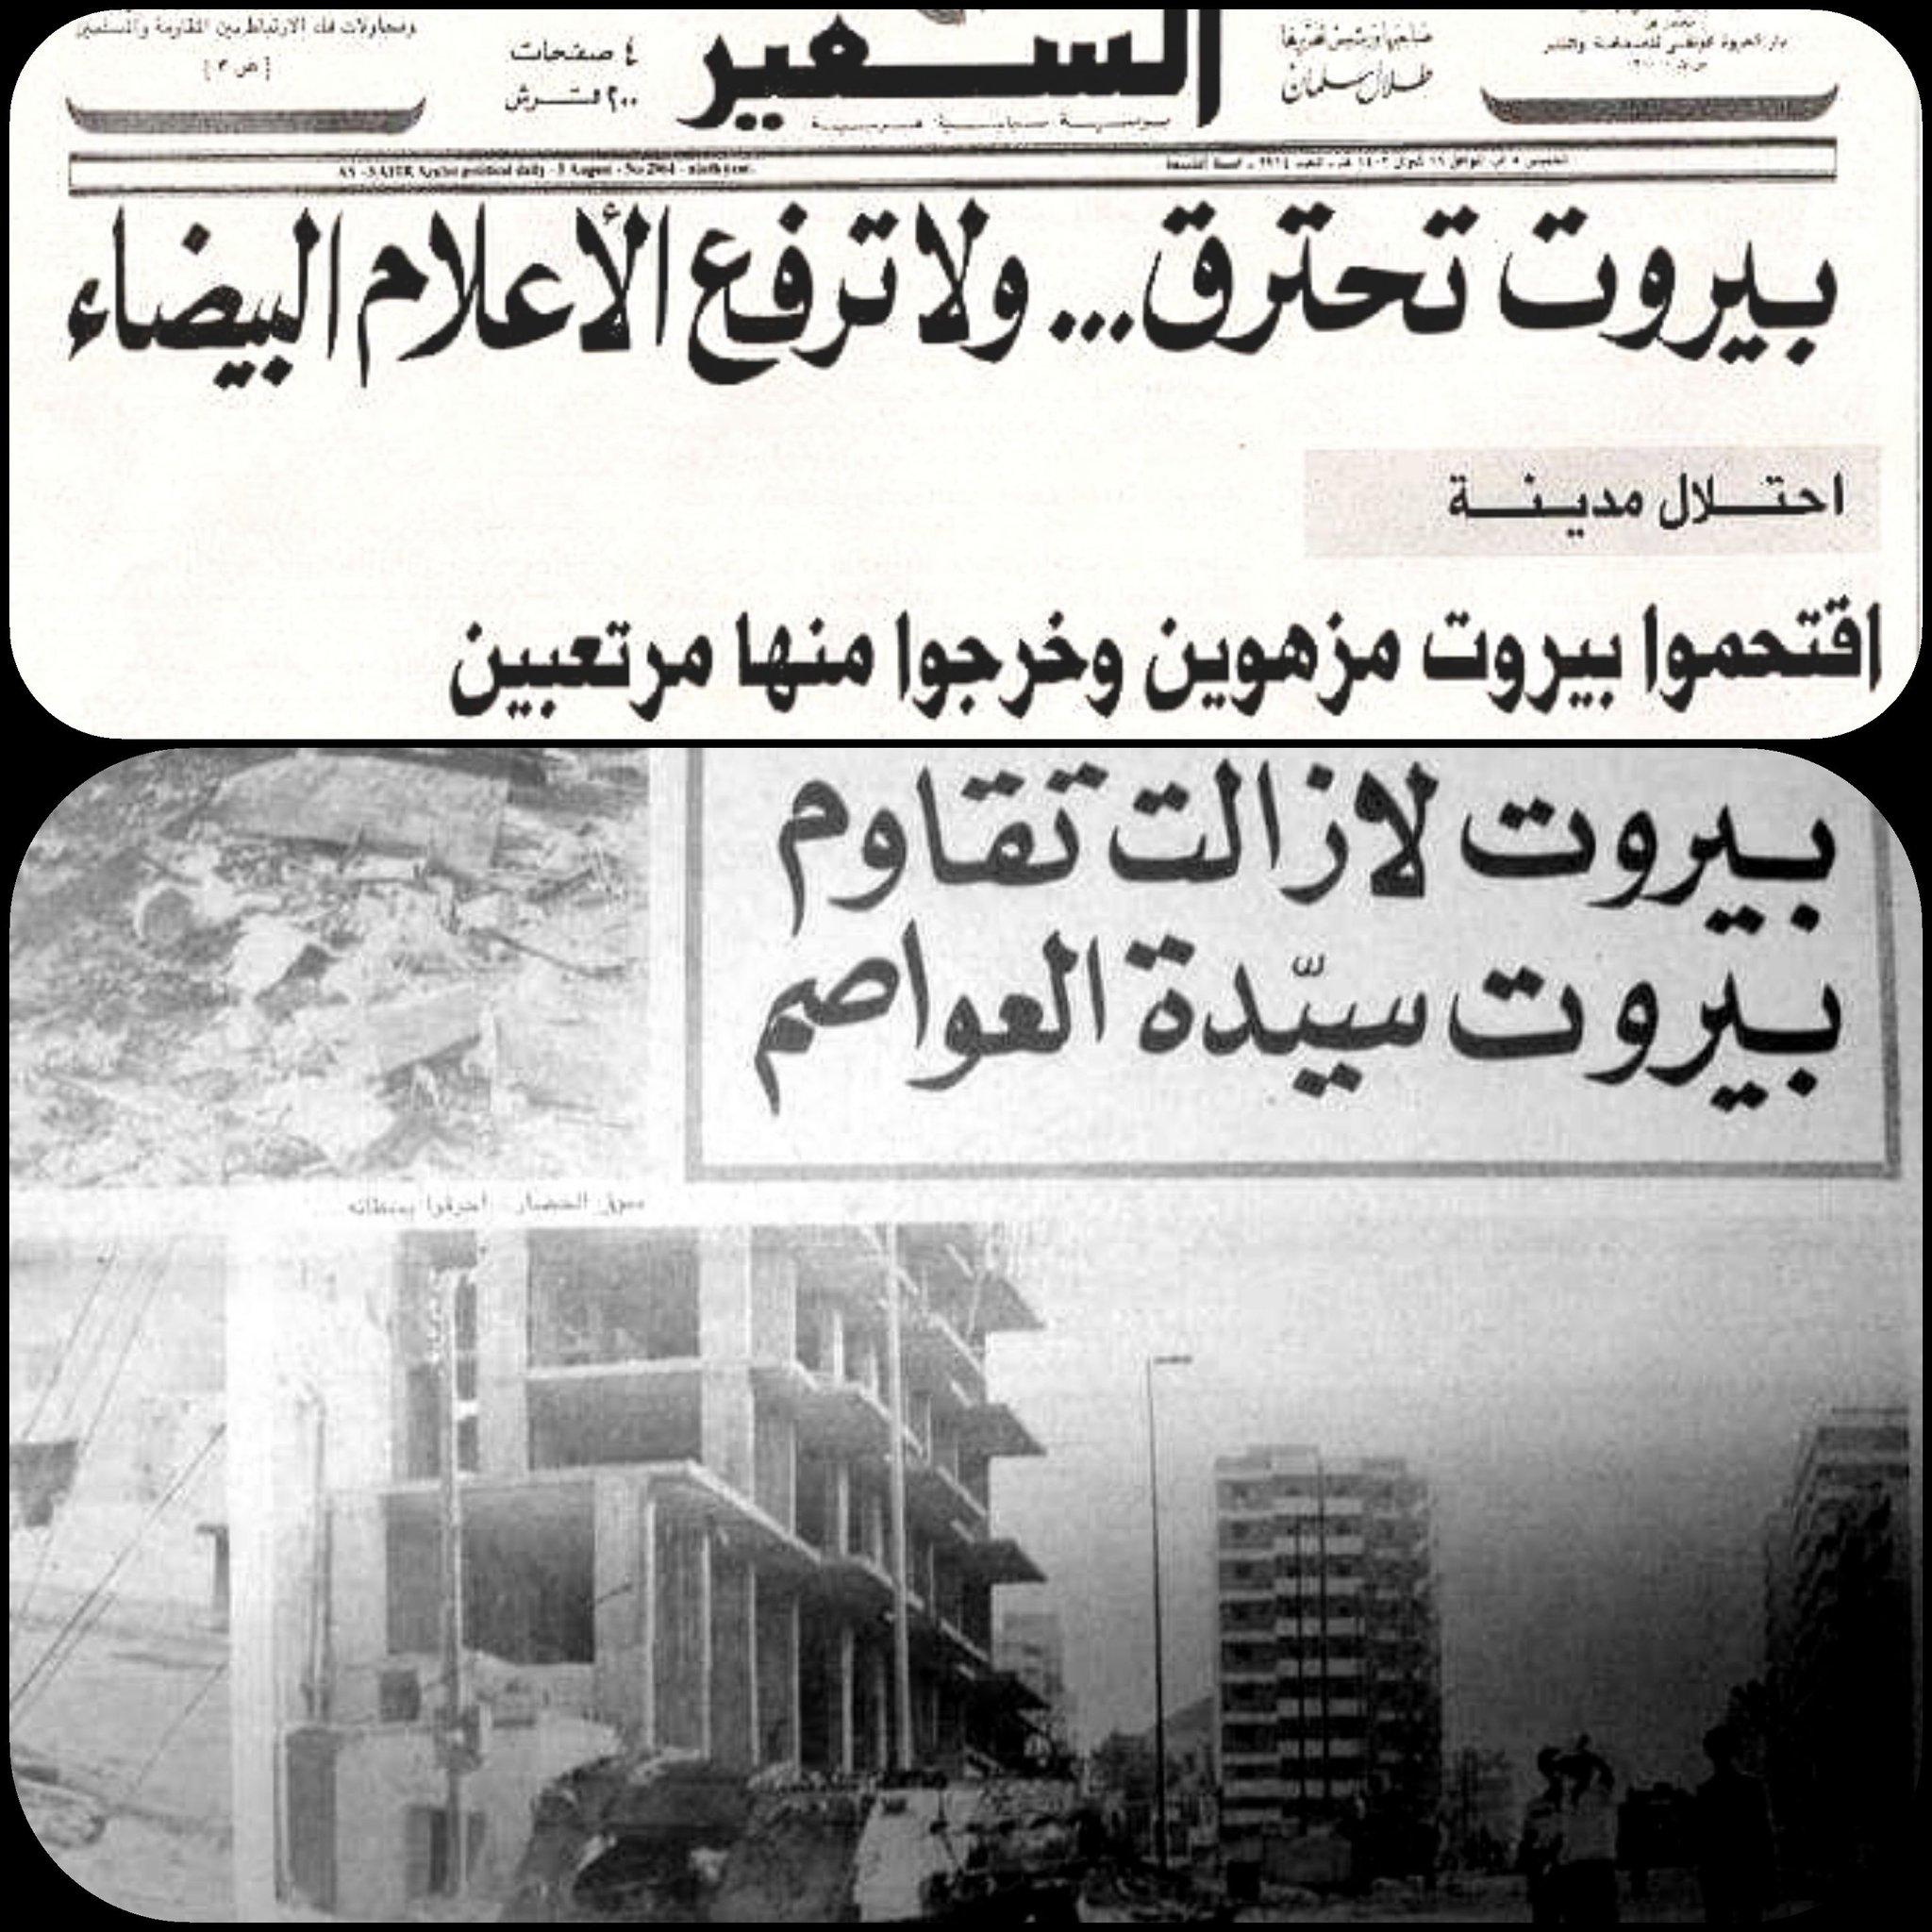 """Afifa Karake on Twitter: """"6 حزيران 1982 ، 38 عاما على حصار #بيروت واجتياحها  : بيروت تحترق ولا ترفع الاعلام البيضاء (#السفير). كتب #مهدي_عامل في 26  أيلول 1982(منقول) : قالوا: وتكون الحرب"""